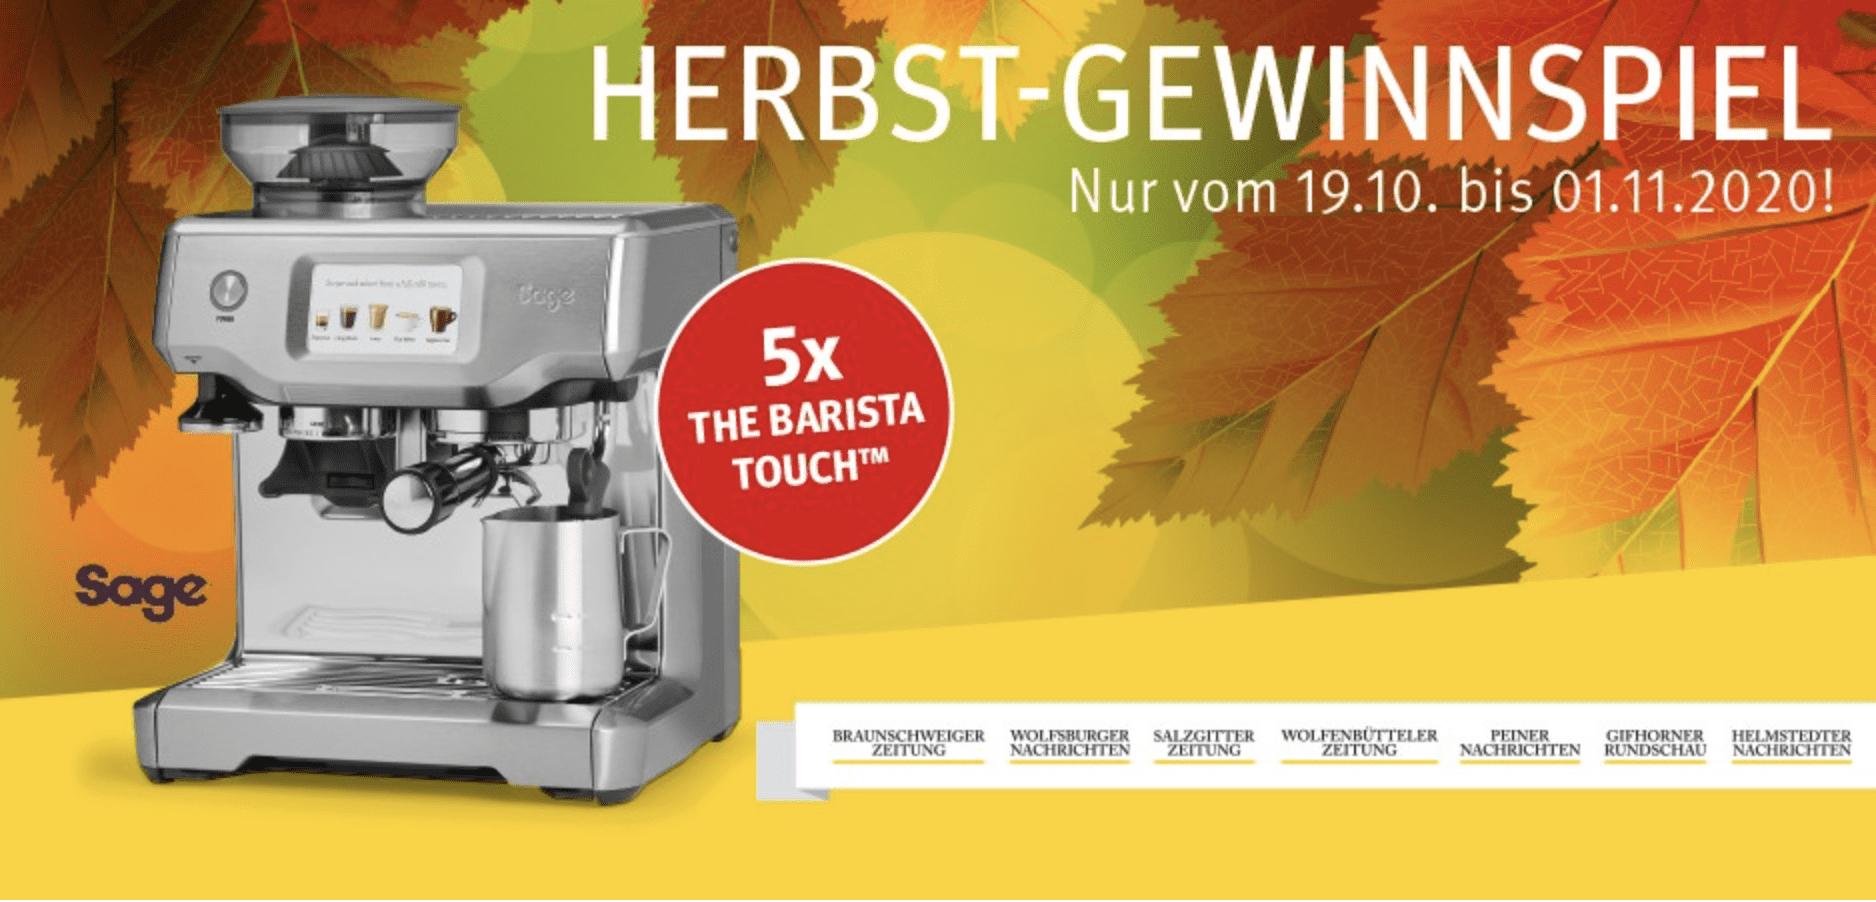 Gewinnspiel-Case Verlage Braunschweiger Zeitung